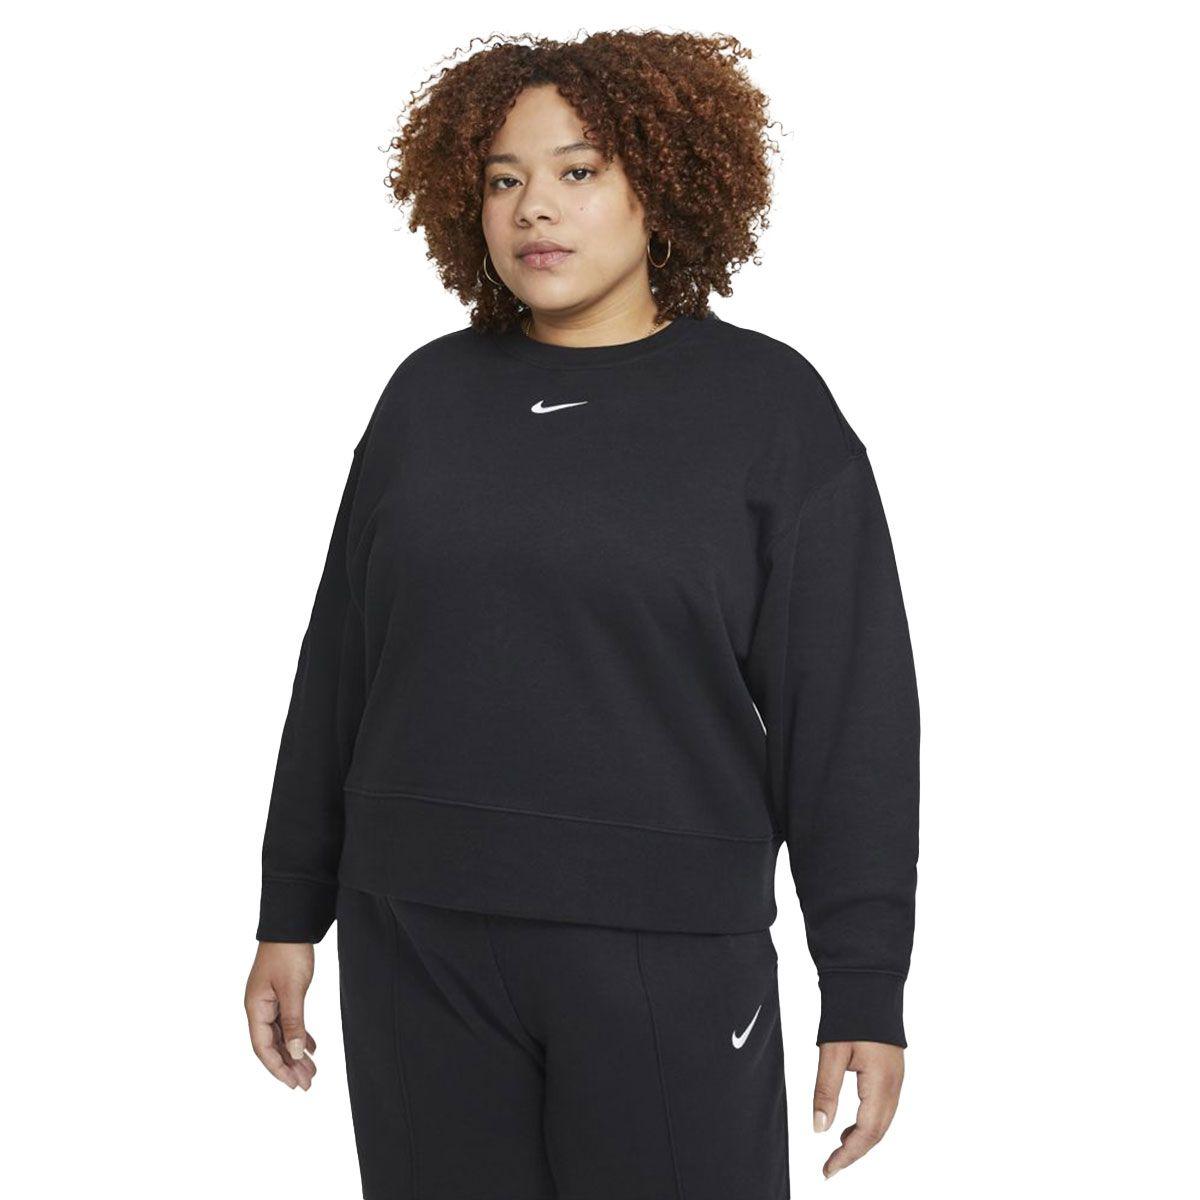 Nike Maglia Girocollo Sportswear Collection Essentials Donna Nero